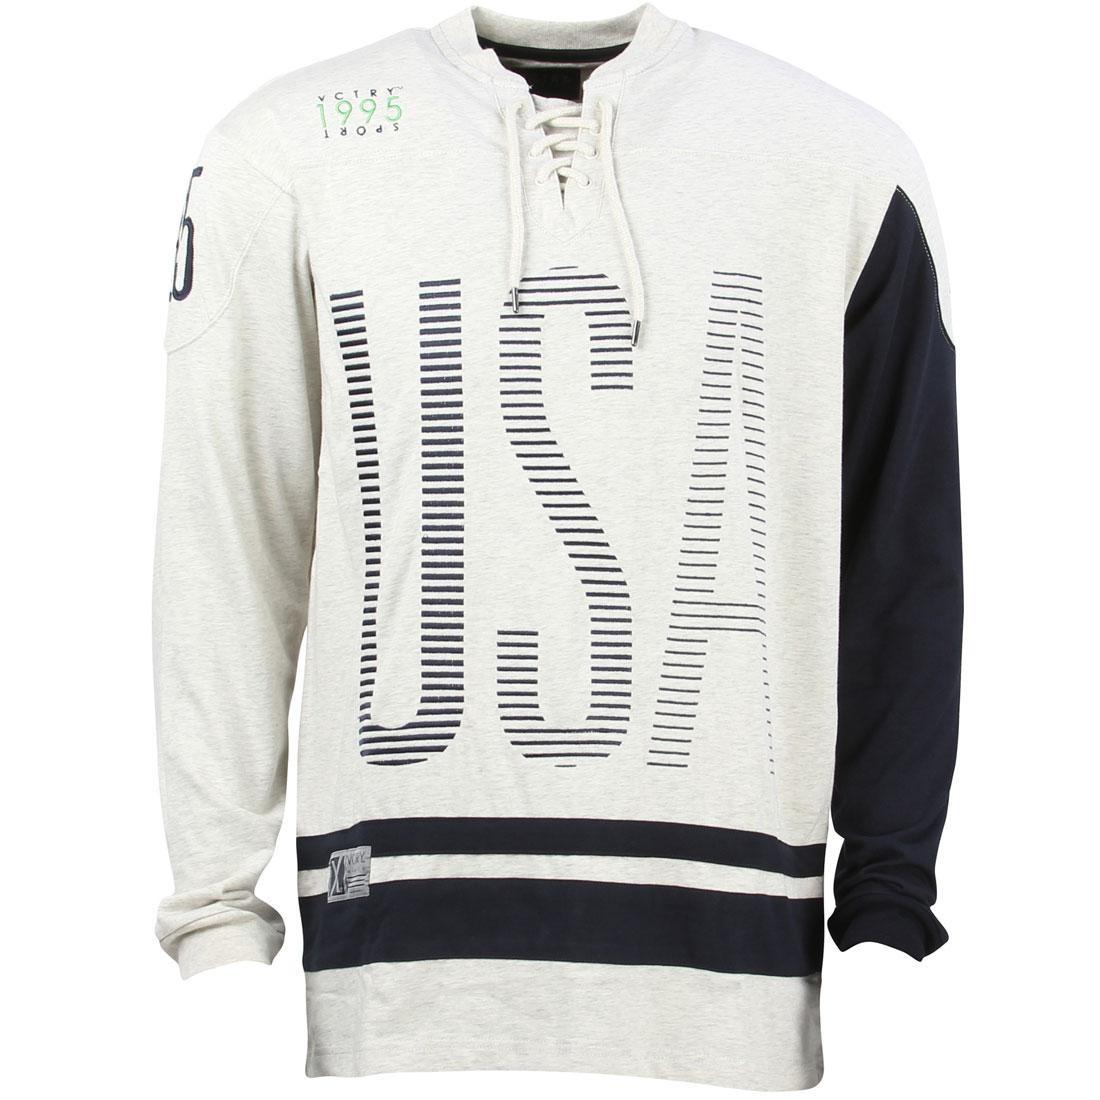 テンディープ 10 DEEP ジャージ メンズファッション トップス Tシャツ カットソー メンズ 【 Men Usa Hockey Jersey (white / Oatmeal) 】 White / Oatmeal